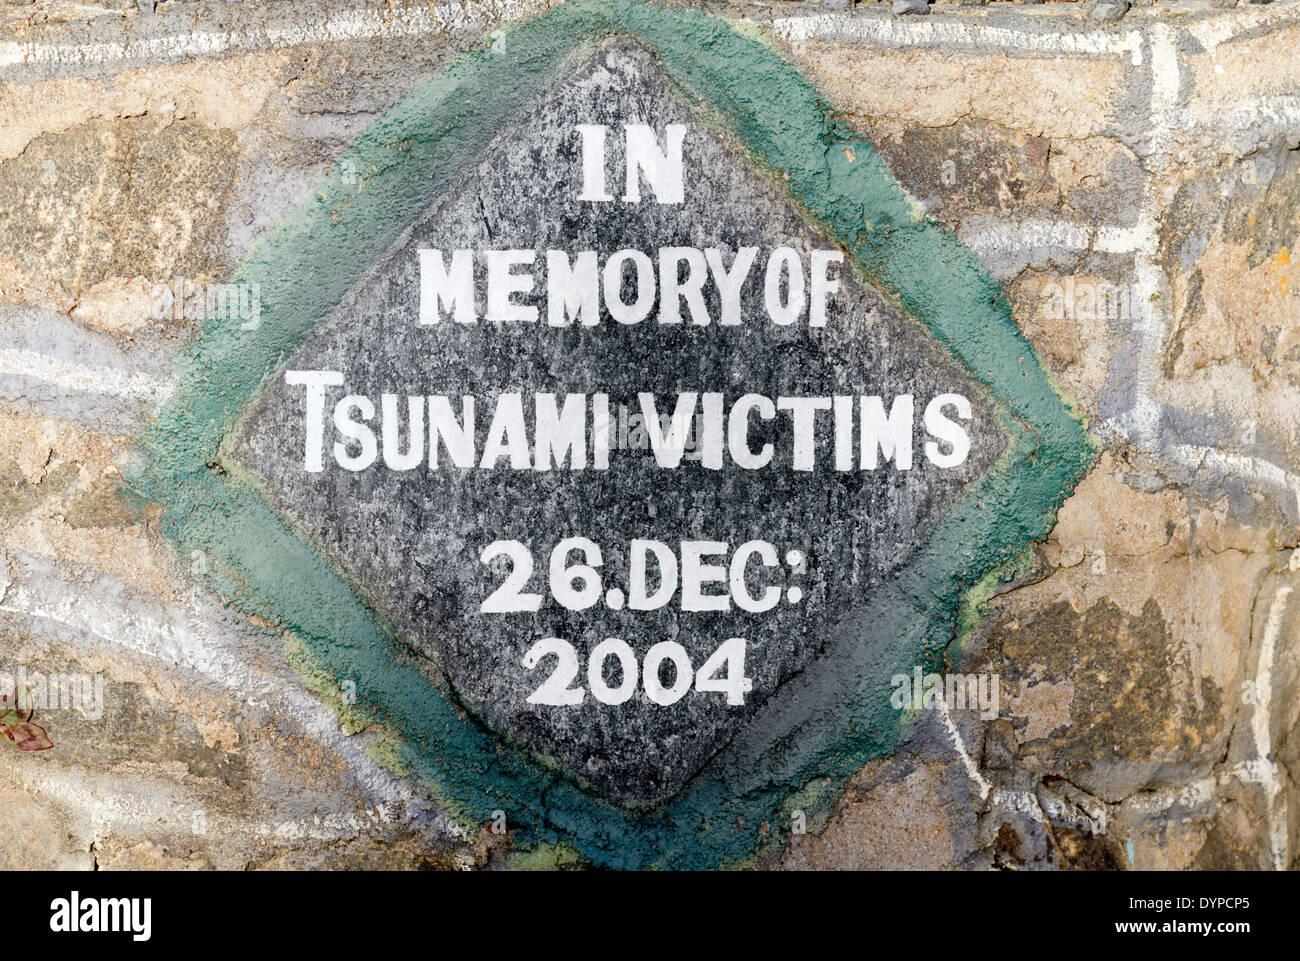 Tsunami 2004 Sri Lanka Karte.Indian Ocean Tsunami 2004 Stock Photos Indian Ocean Tsunami 2004